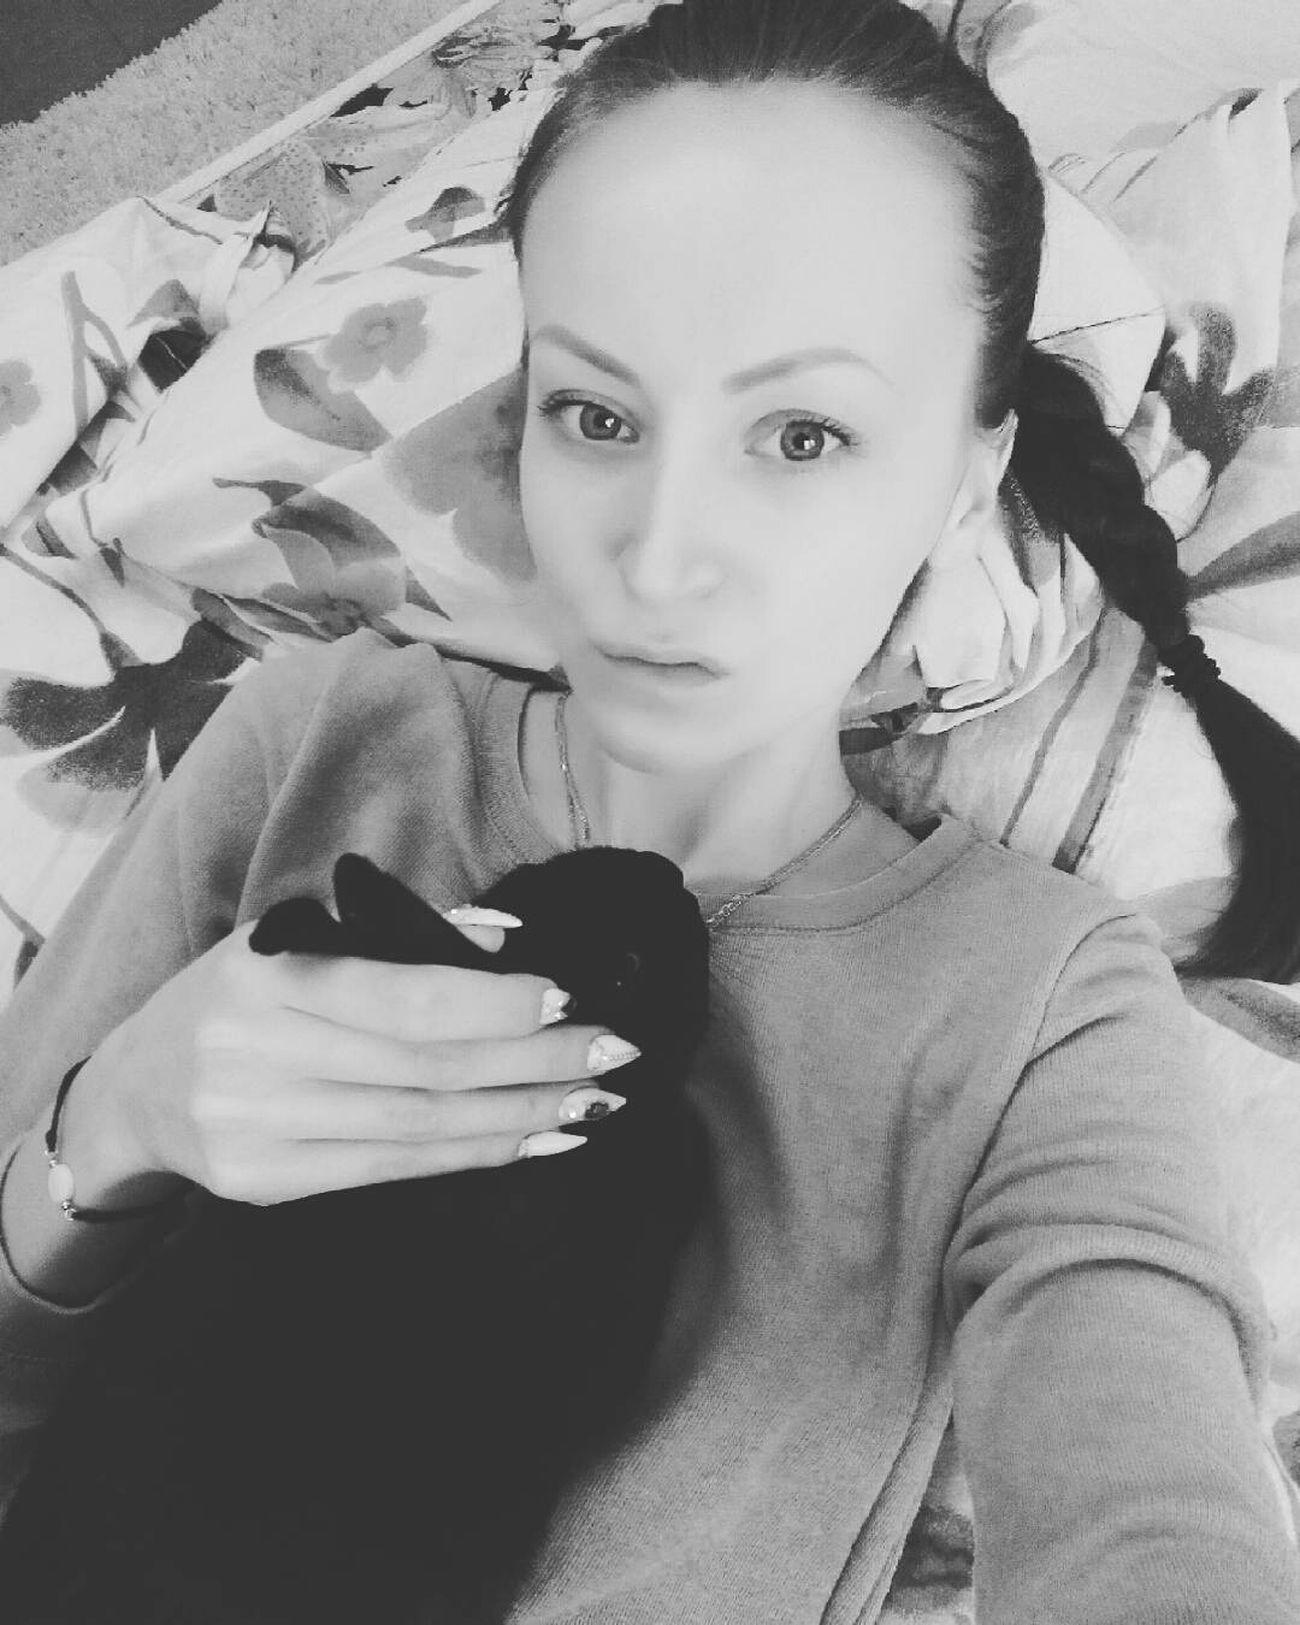 мой кот кроль кроха ральф_тейлор моярадость